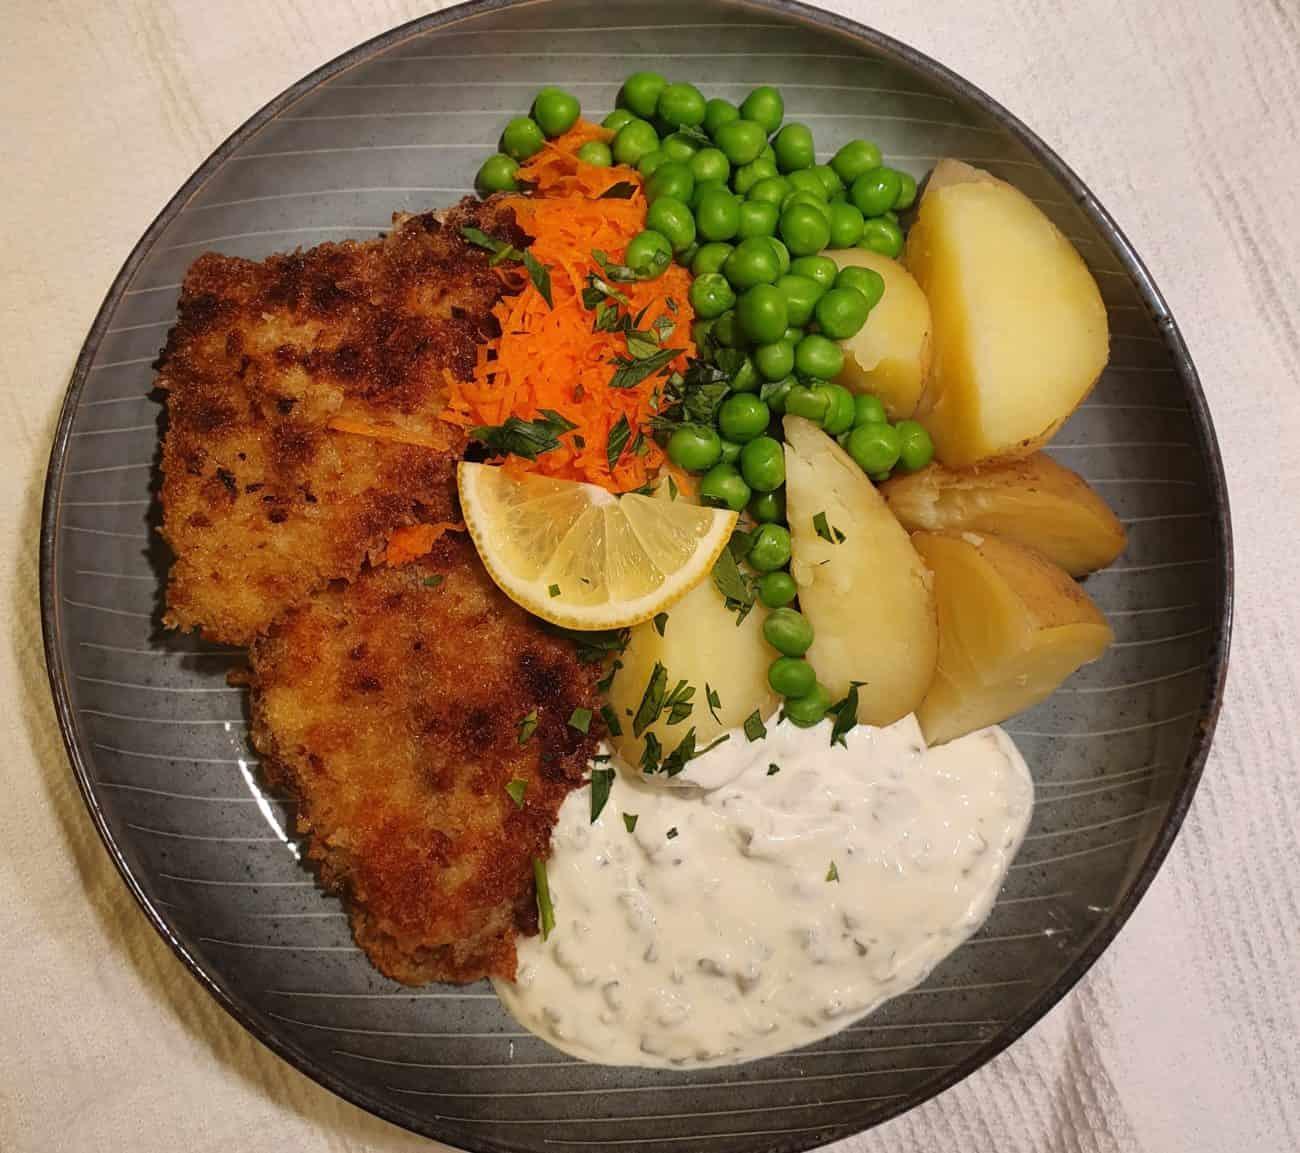 Panerad rödspätta med kokt potatis, ärtor och remouladsås